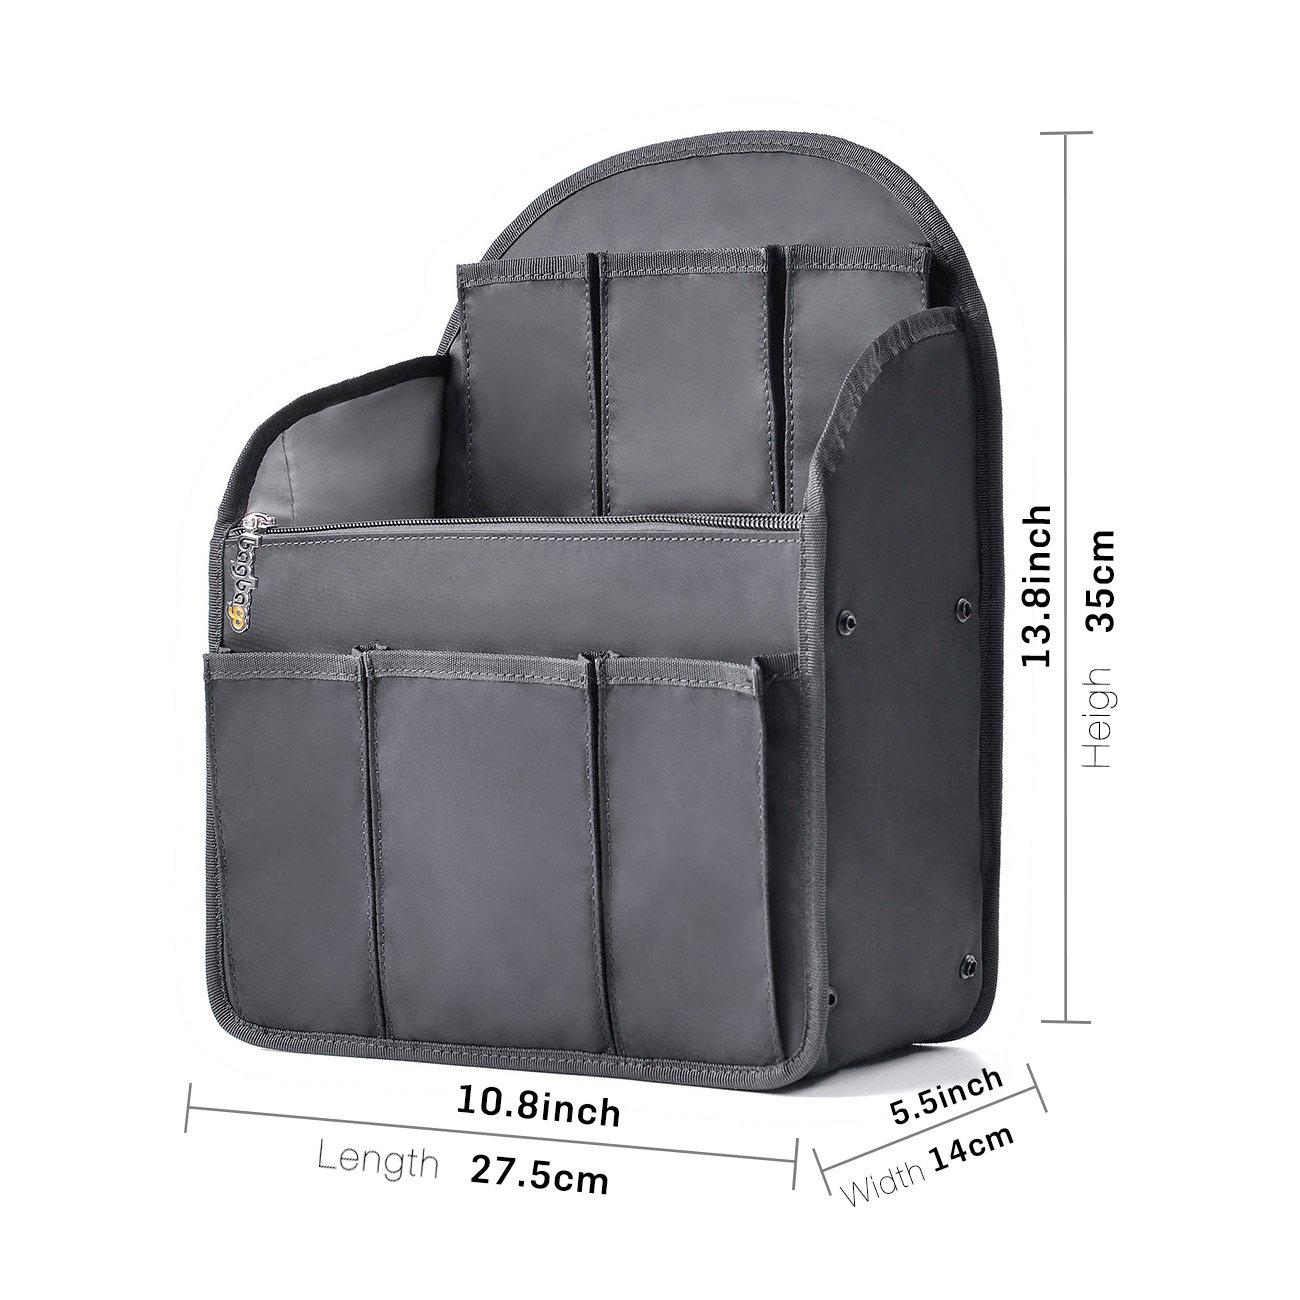 bag in bag Shoulders Bag Rucksack Insert Backpack Organizer fit MCM,Black  (Large)